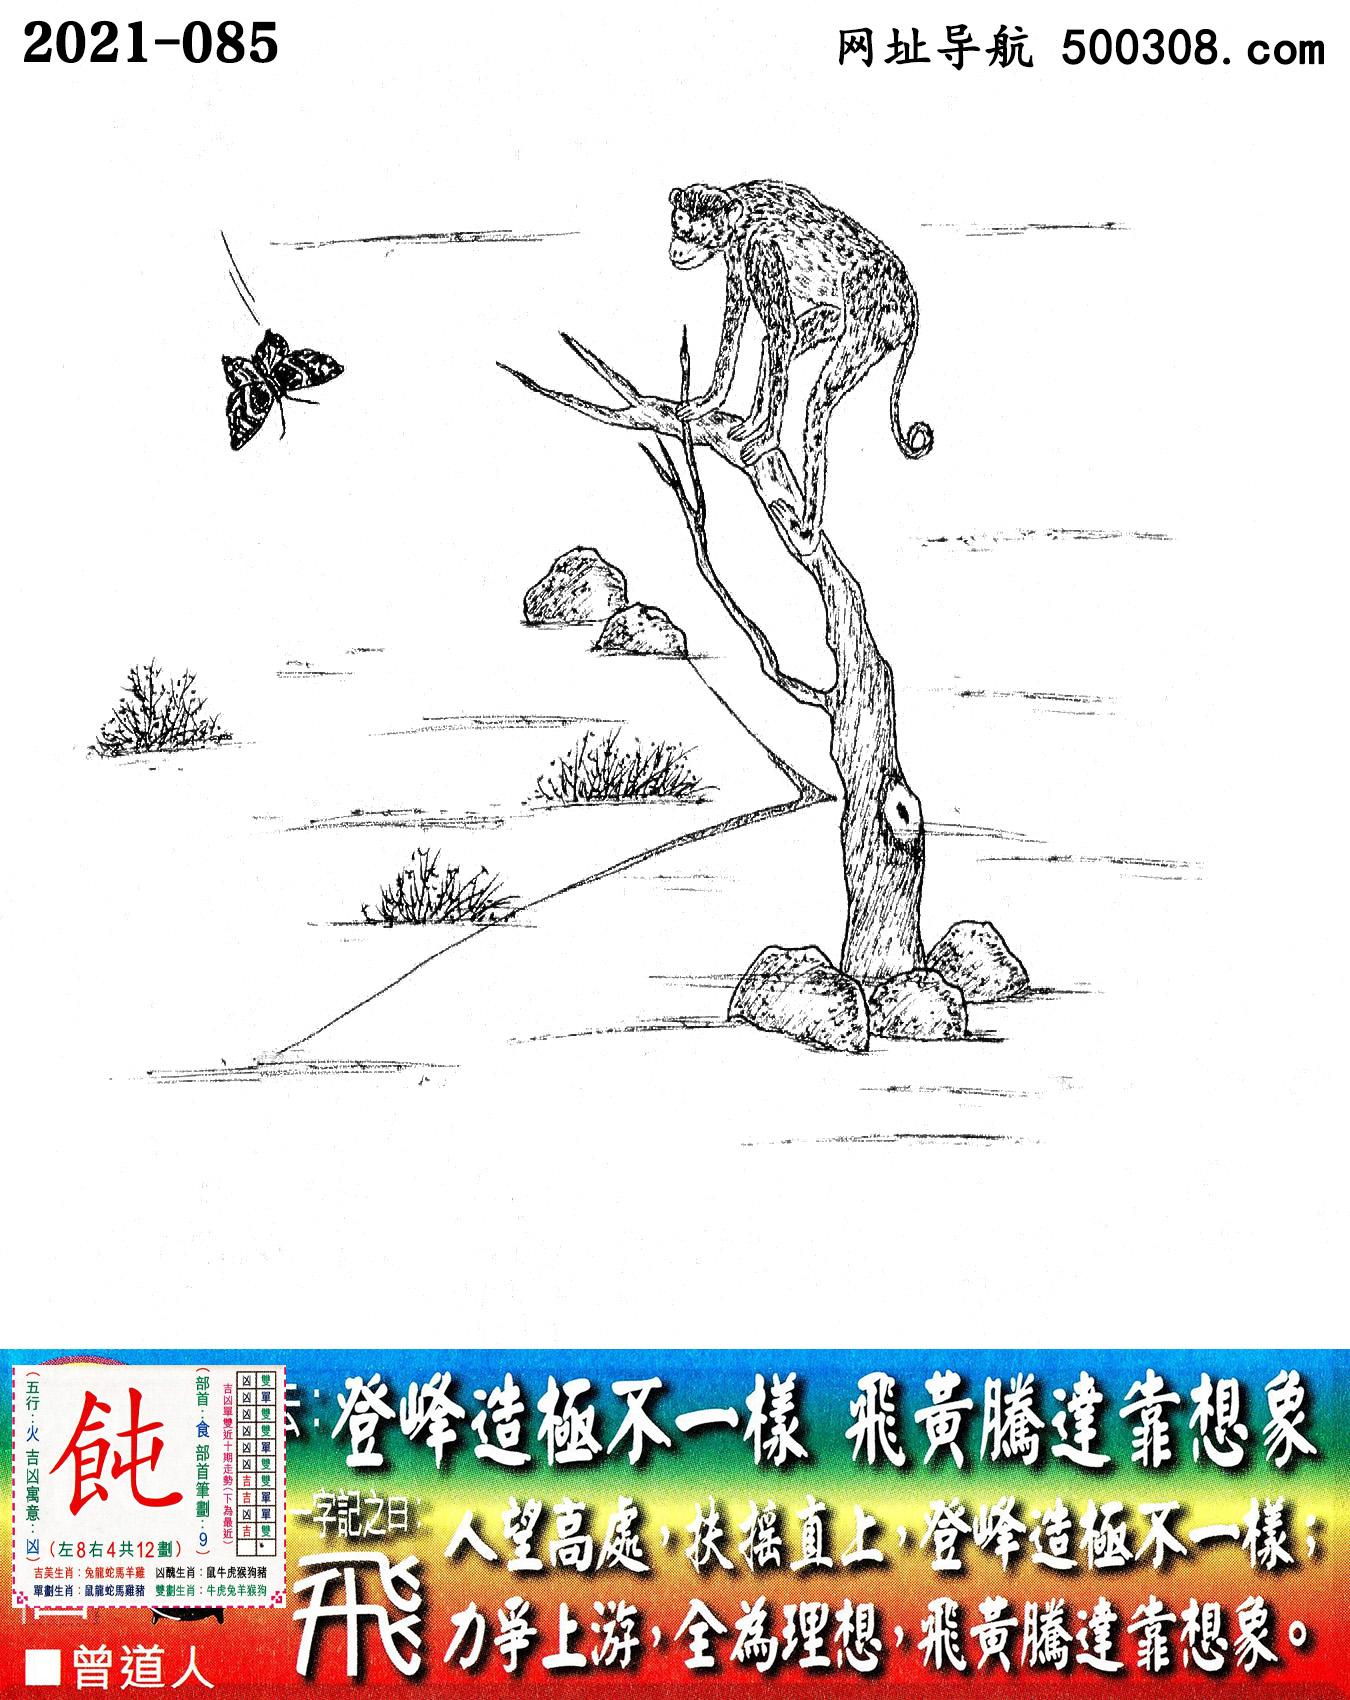 085期老版跑狗一字�之曰:【�w】_��:登峰造�O不一�樱��w�S�v�_靠想象。